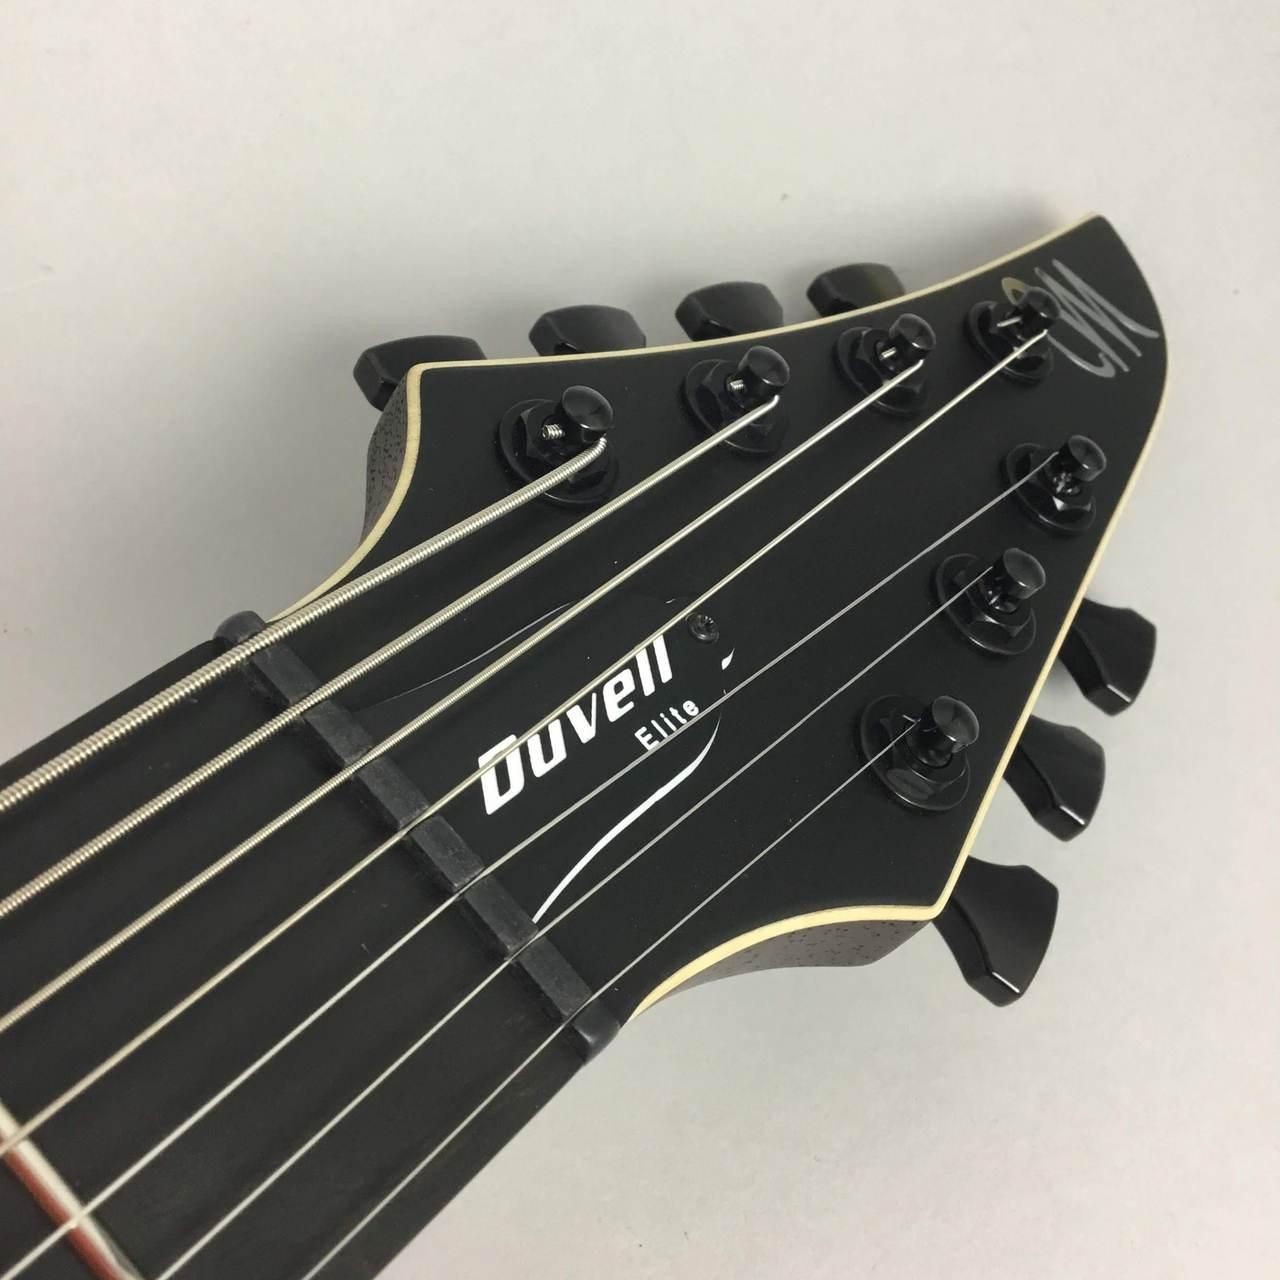 Duvell Elite 7 Customのヘッド画像